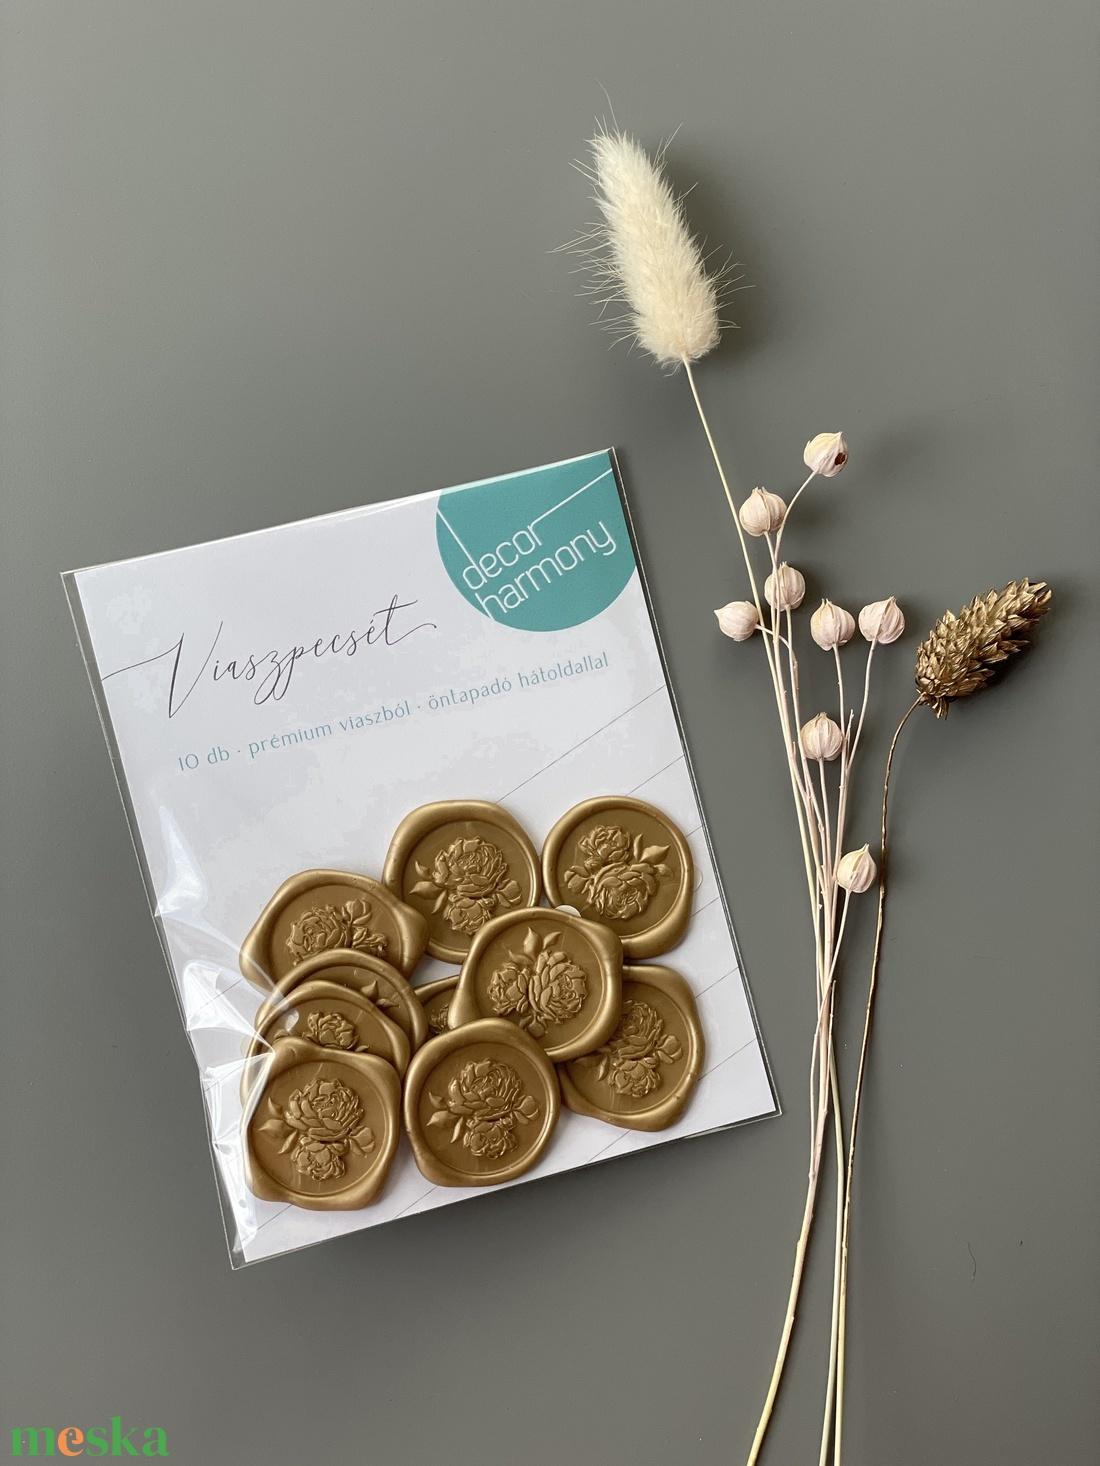 Viaszpecsét csomag - Arany bazsarózsa V007 - esküvő - meghívó & kártya - meghívó - Meska.hu